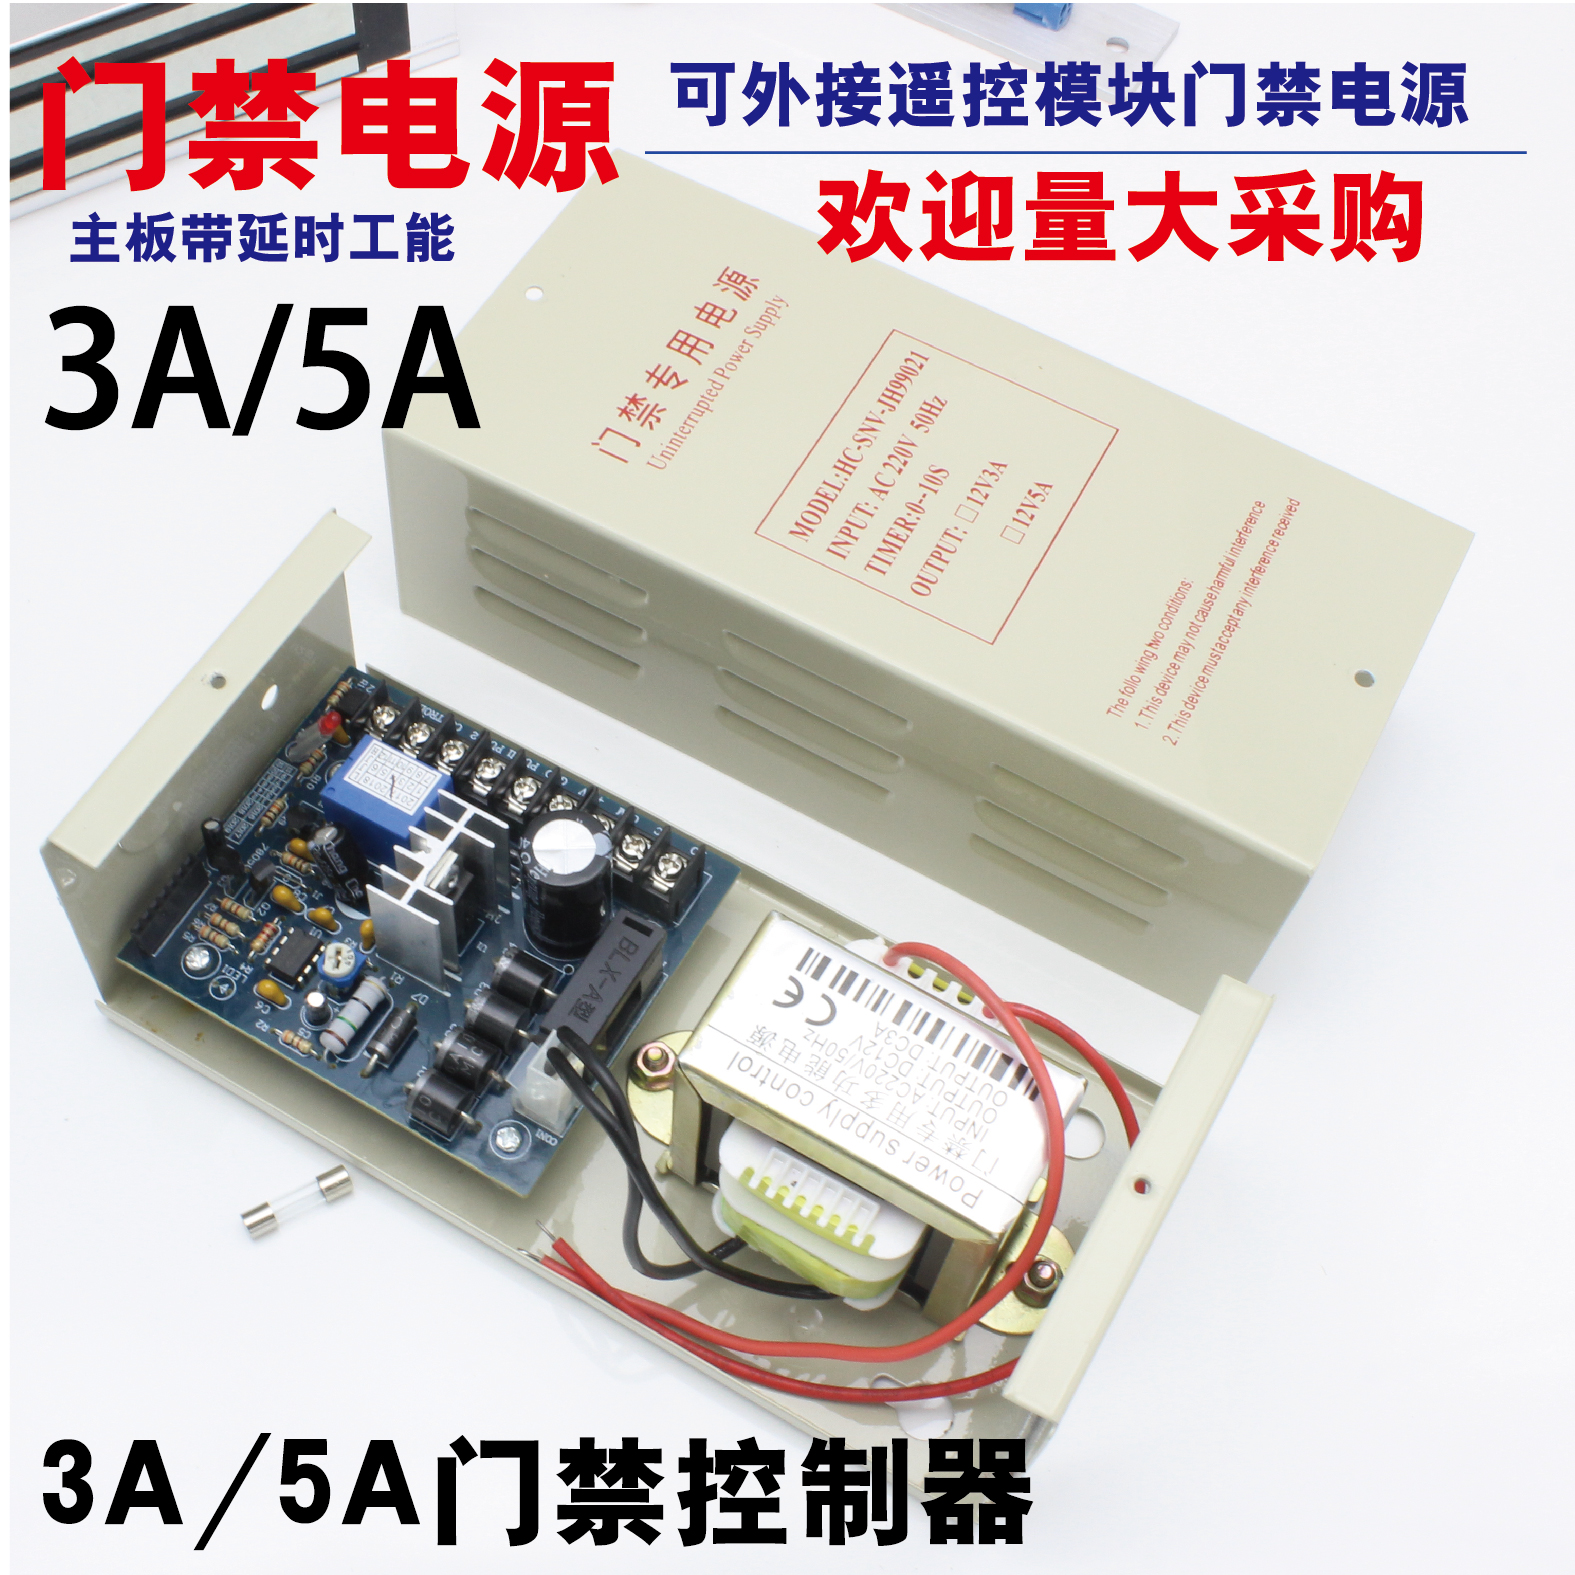 12V5A 3A门禁电源电池电控锁专用控制器变压器楼宇门锁后备电源板